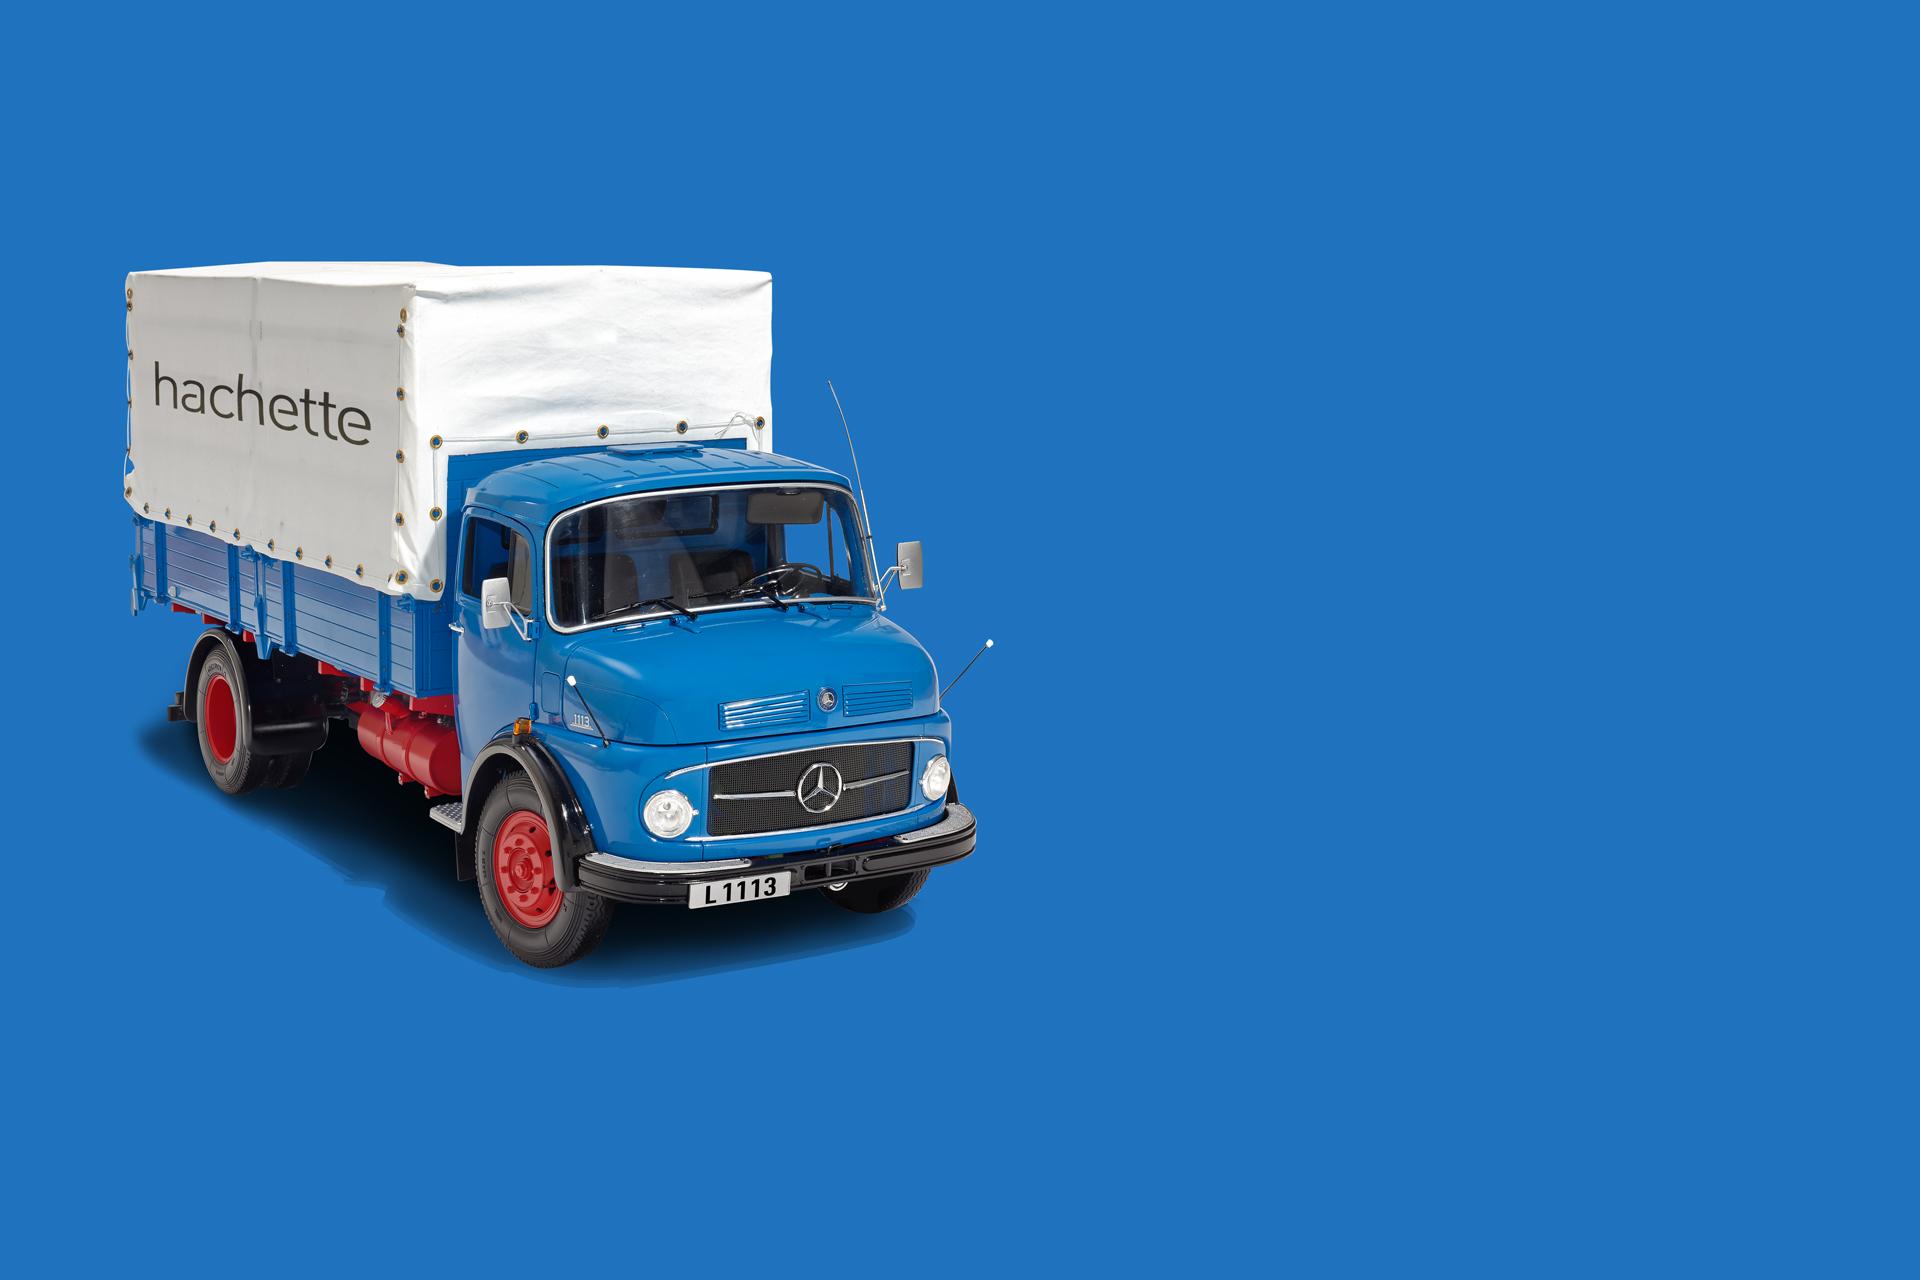 Hachette – Mercedes L 1113